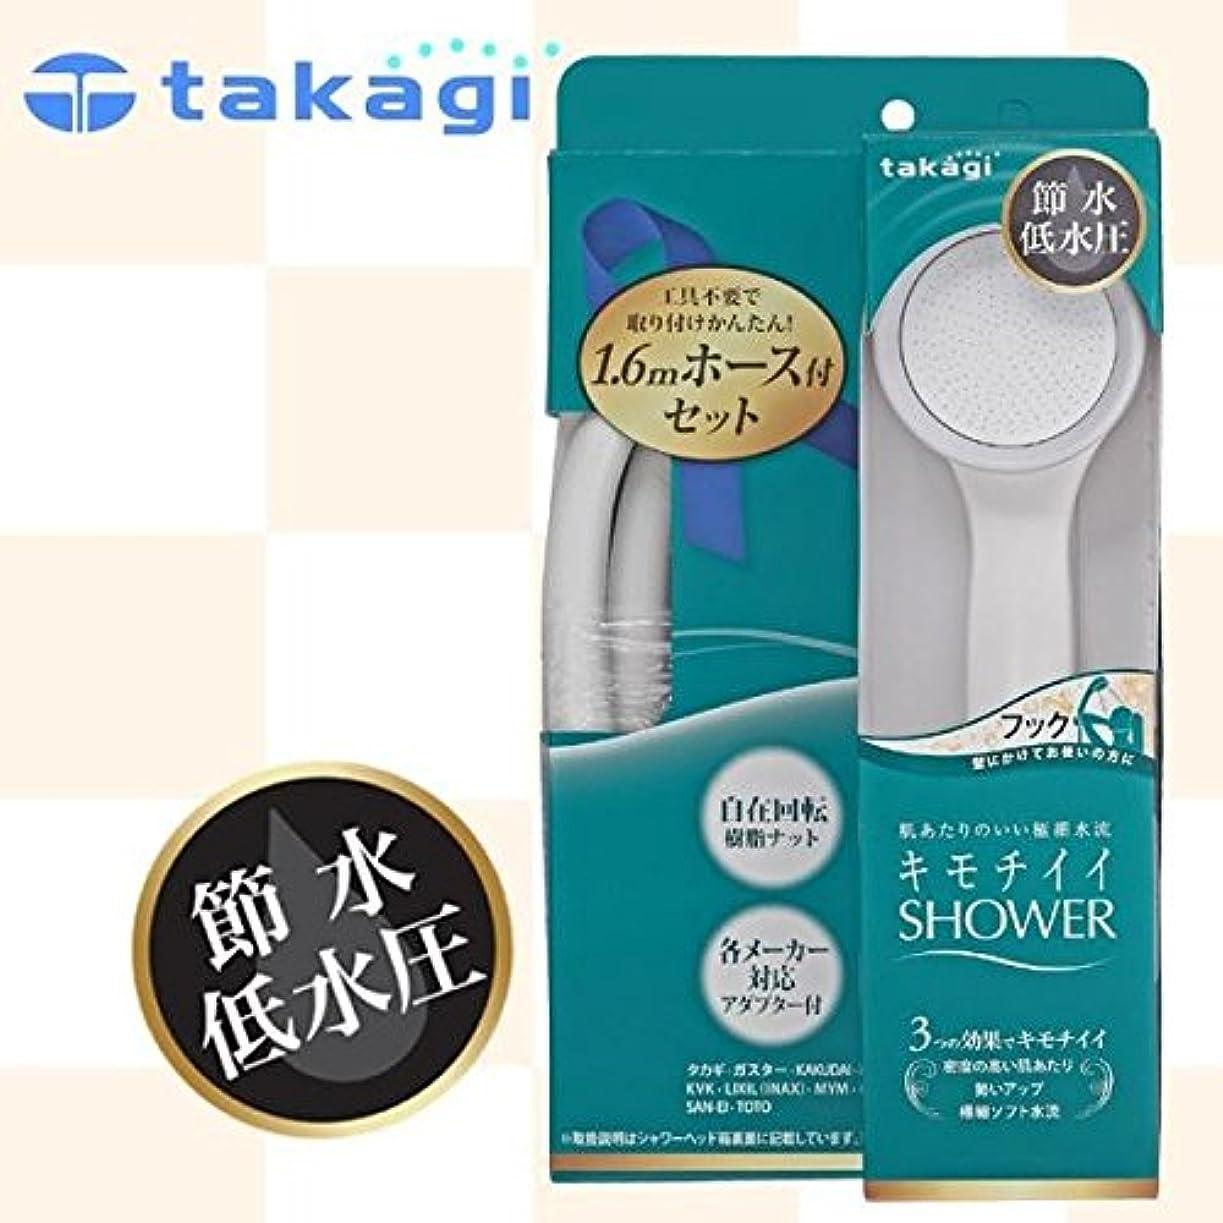 補助参加する偏心takagi タカギ 浴室用シャワーヘッド キモチイイシャワーホースセットWT フックタイプ【同梱?代引不可】